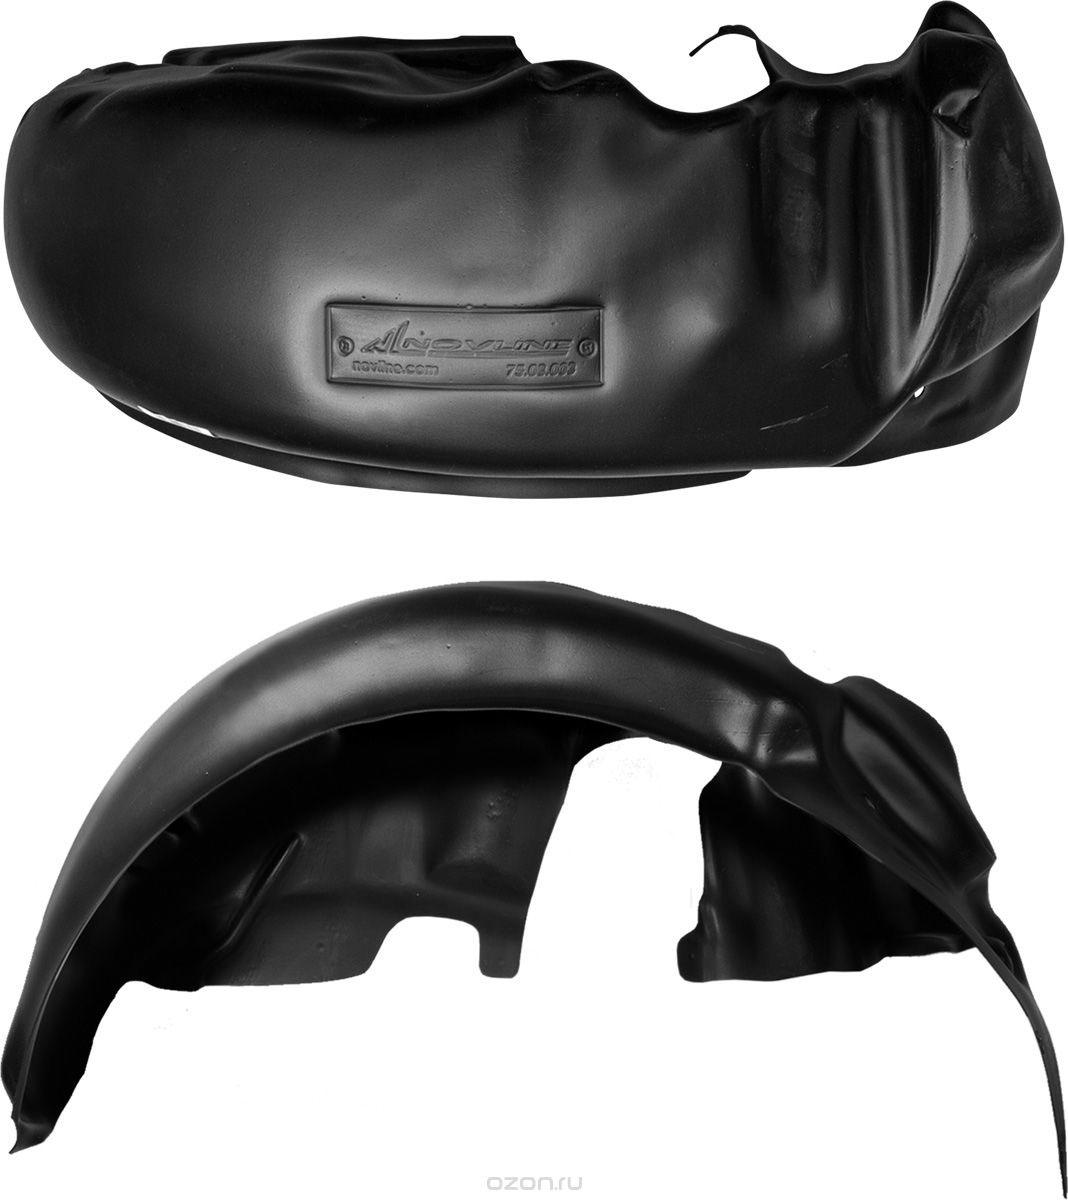 Подкрылок Novline-Autofamily, для FORD Fiesta, 2015->, сед., задний левыйNLL.16.60.003Идеальная защита колесной ниши. Локеры разработаны с применением цифровых технологий, гарантируют максимальную повторяемость поверхности арки. Изделия устанавливаются без нарушения лакокрасочного покрытия автомобиля, каждый подкрылок комплектуется крепежом. Уважаемые клиенты, обращаем ваше внимание, что фотографии на подкрылки универсальные и не отражают реальную форму изделия. При этом само изделие идет точно под размер указанного автомобиля.